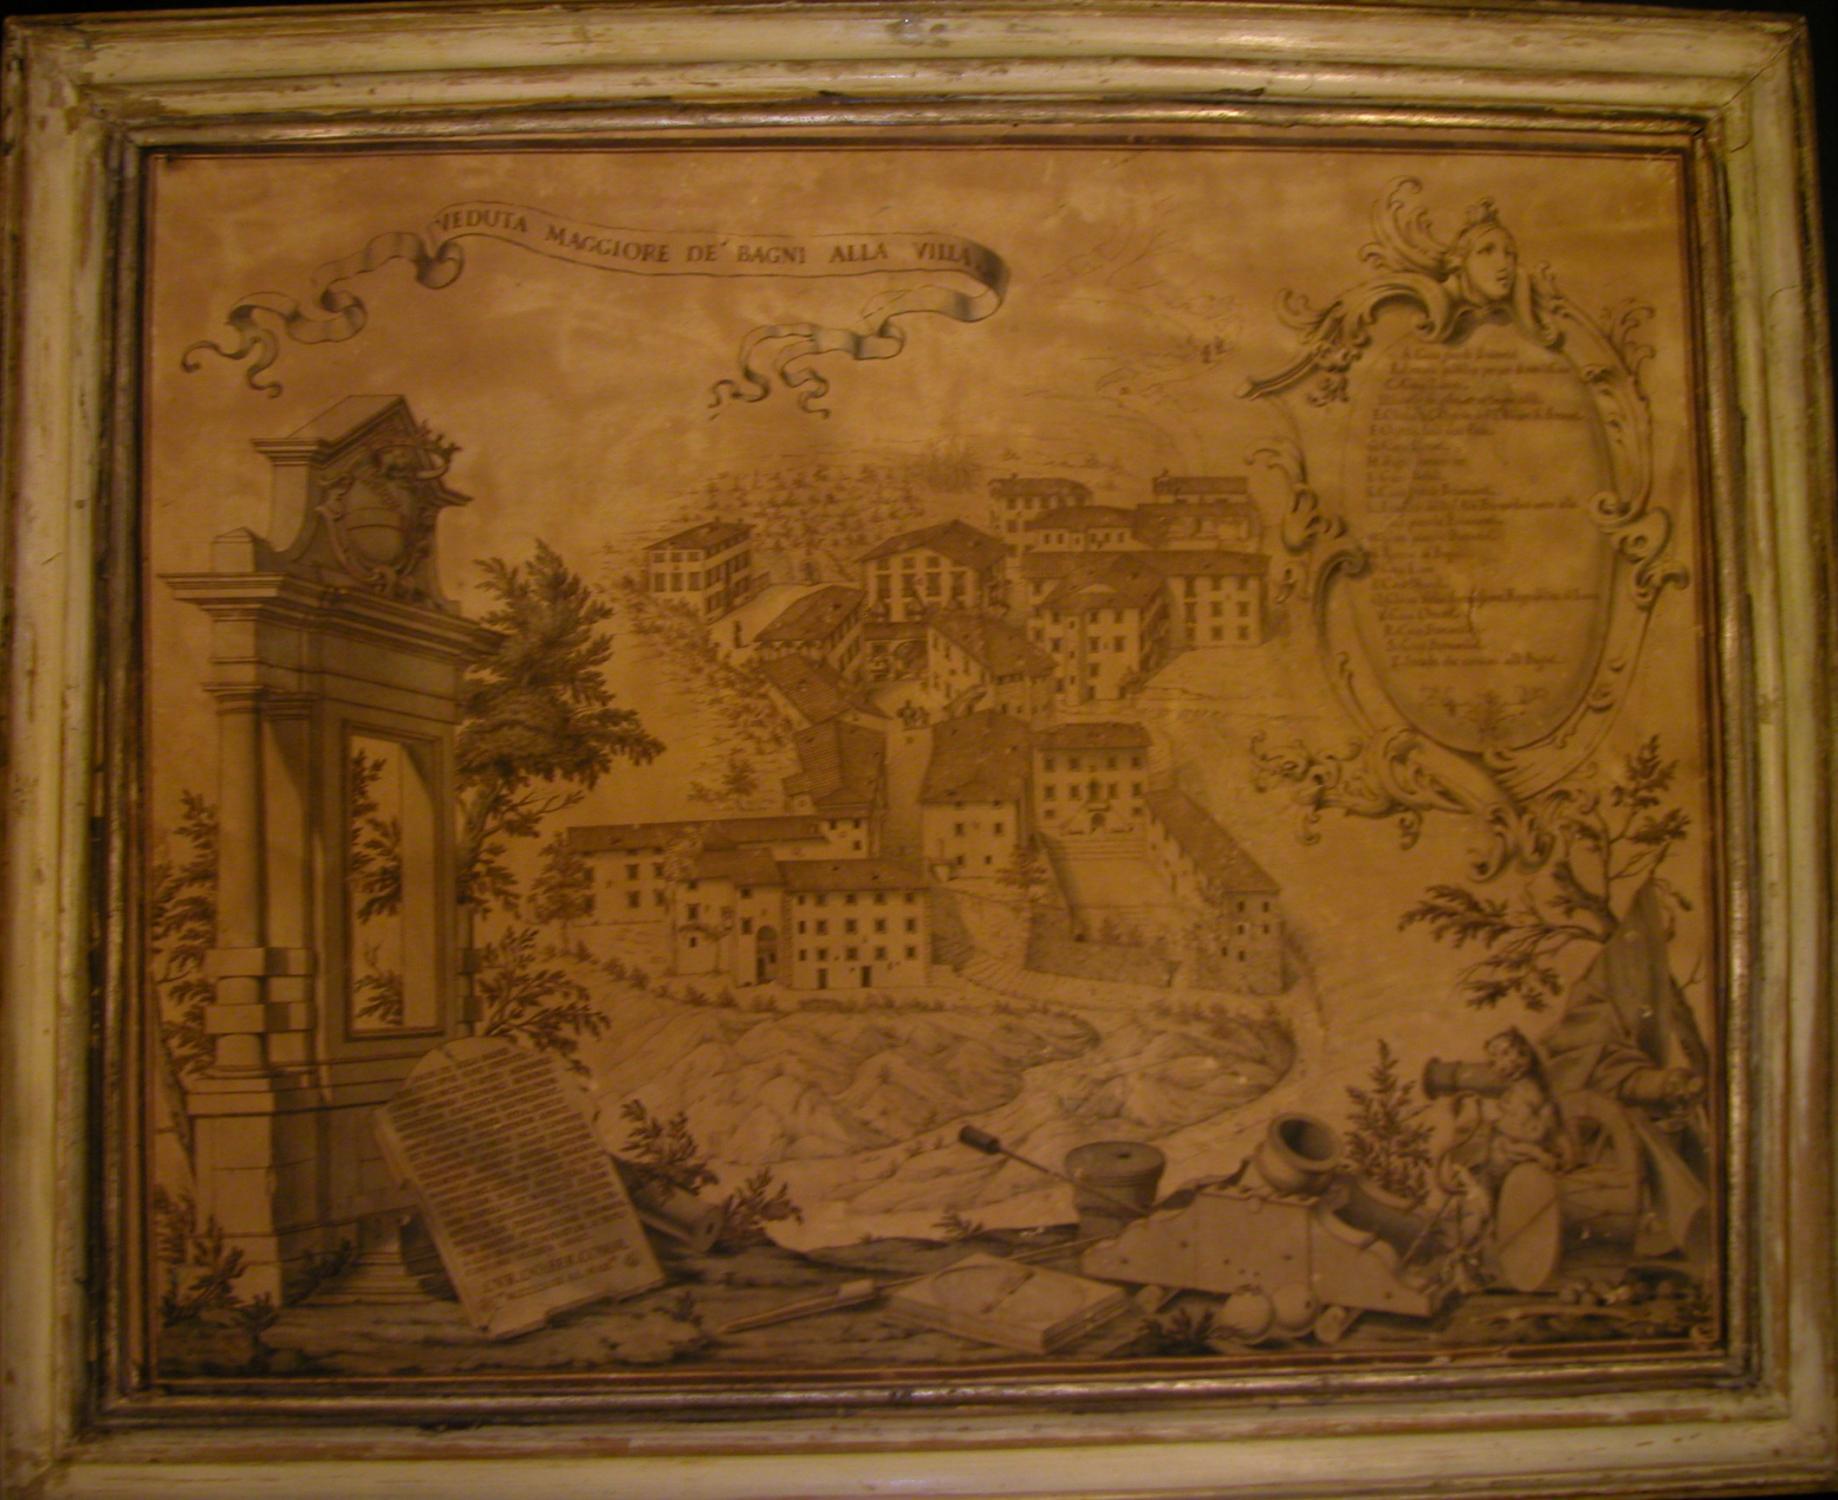 Bagni D Autore Brescia vialibri ~ rare books from 1471 - page 1